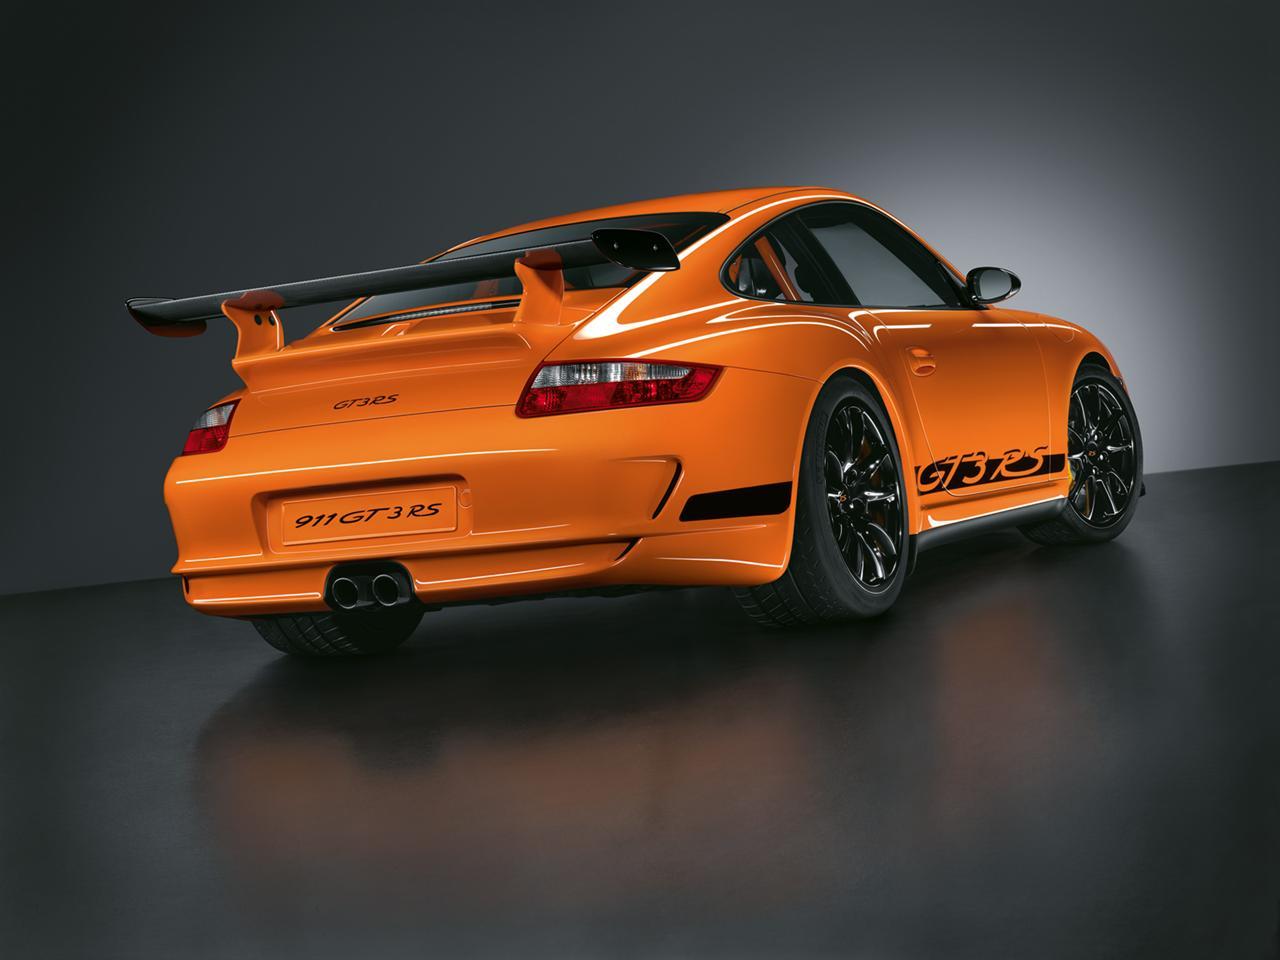 Porsche Gt3 Rs Price >> 2009 Porsche 911 GT3 RS Desktop Wallpaper and High Resolution Images. 1280x960 : Porsche-911-GT3-RS_